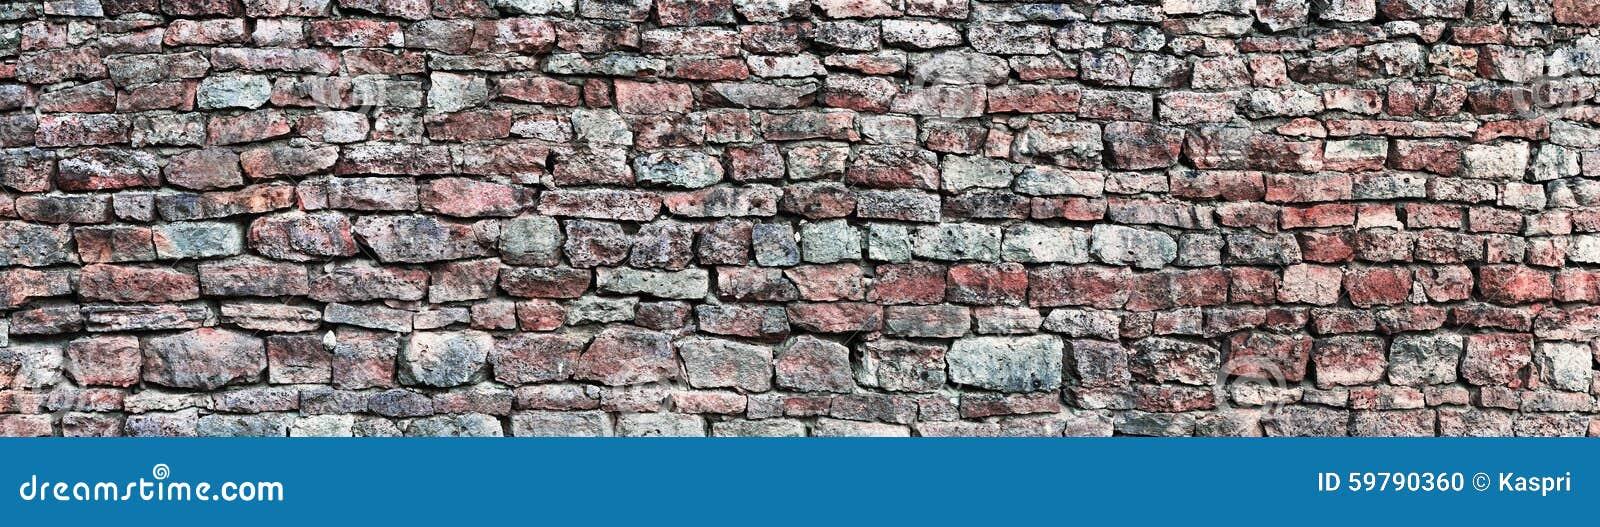 Il panorama della parete di pietra, panoramico mette il bastone tra le ruote il fondo del modello, la vecchia struttura rossa e g